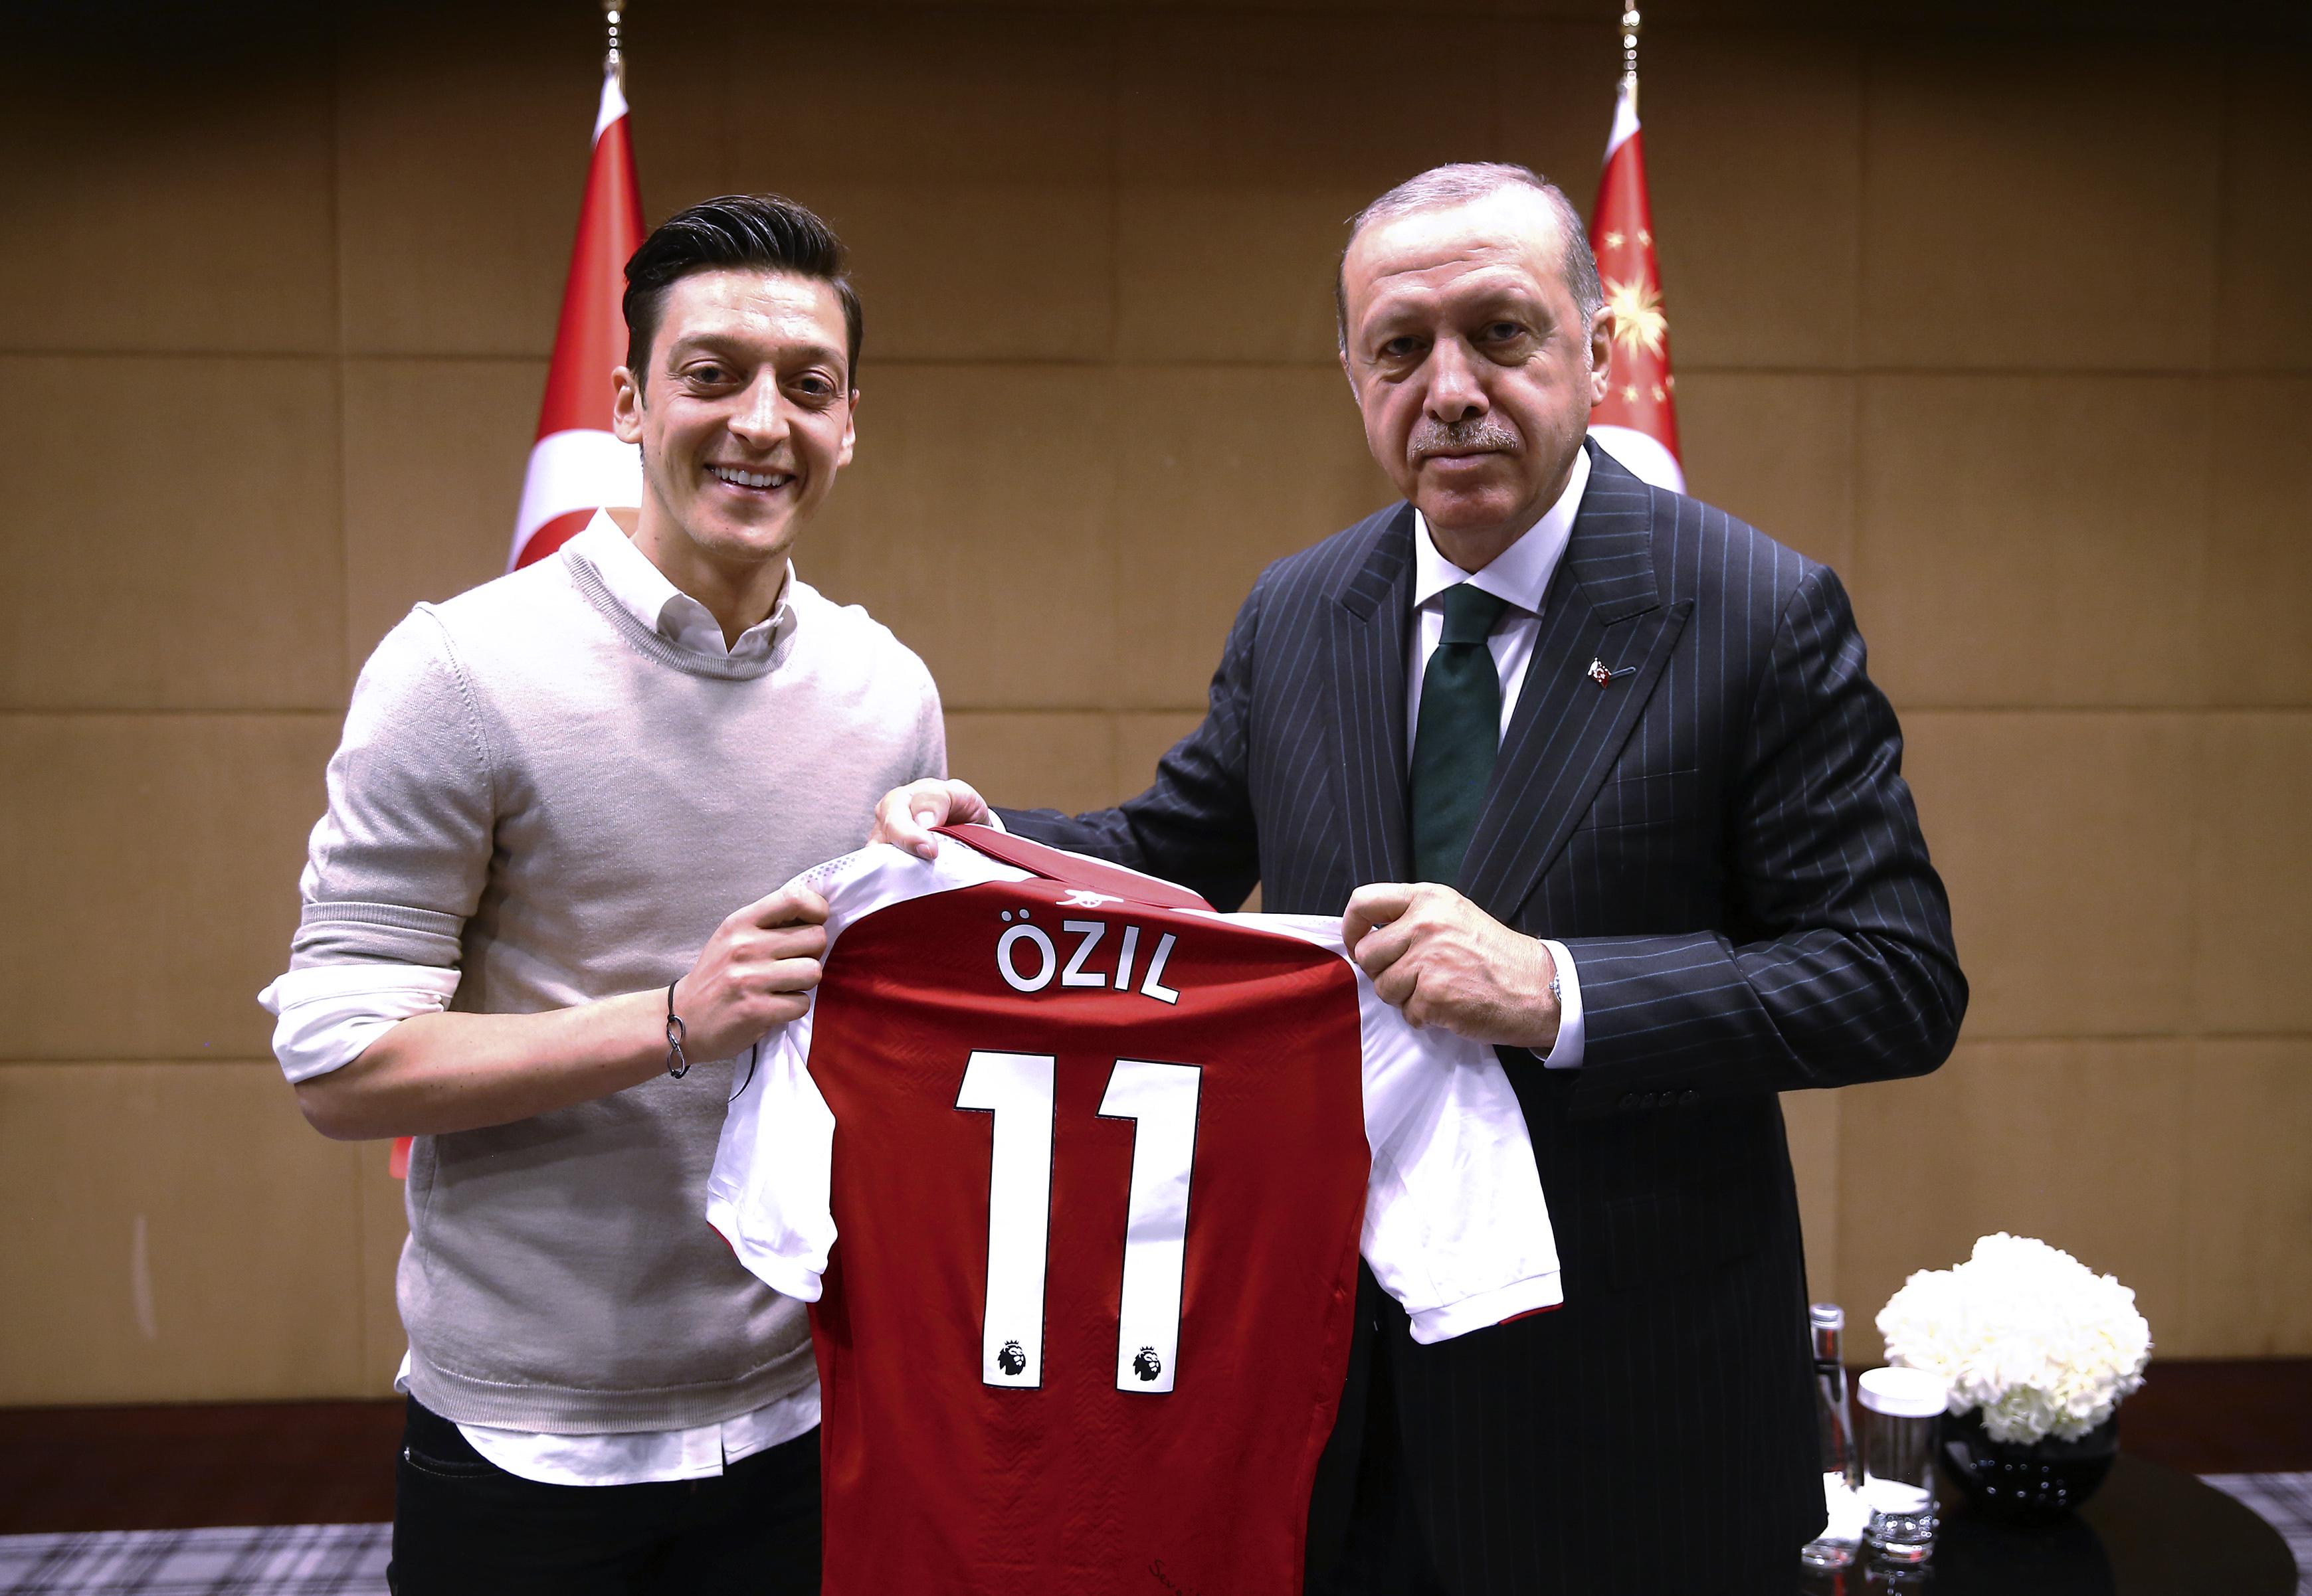 Özil szerint tiszteletlen lett volna nem fotózkodni Erdogan elnökkel